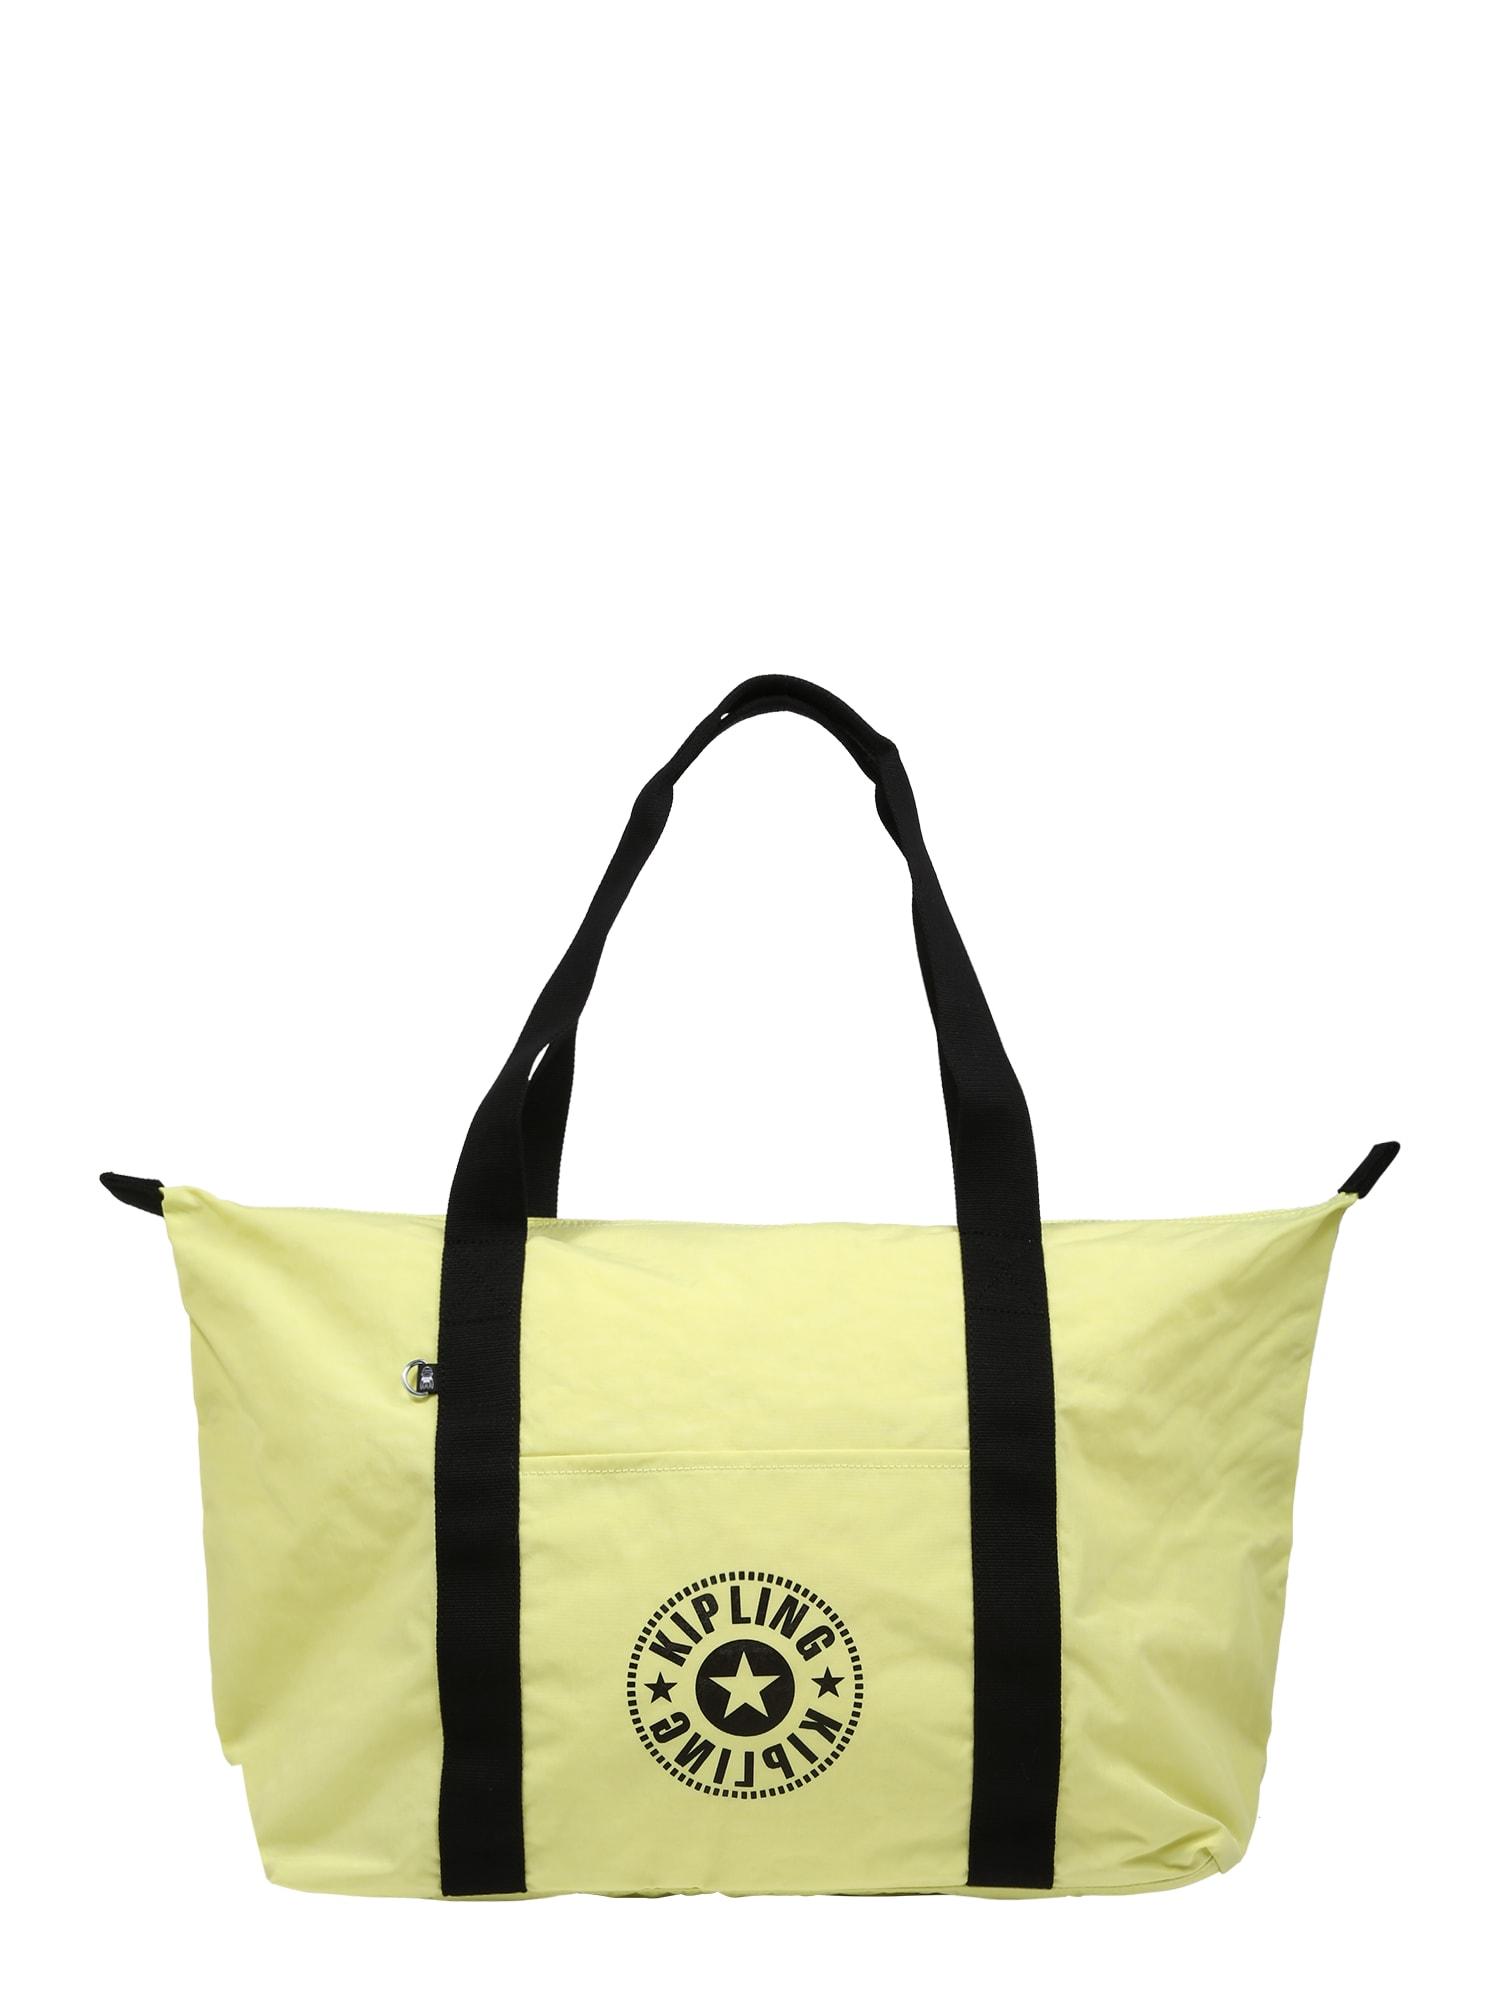 KIPLING Pirkinių krepšys žaliosios citrinos spalva / juoda